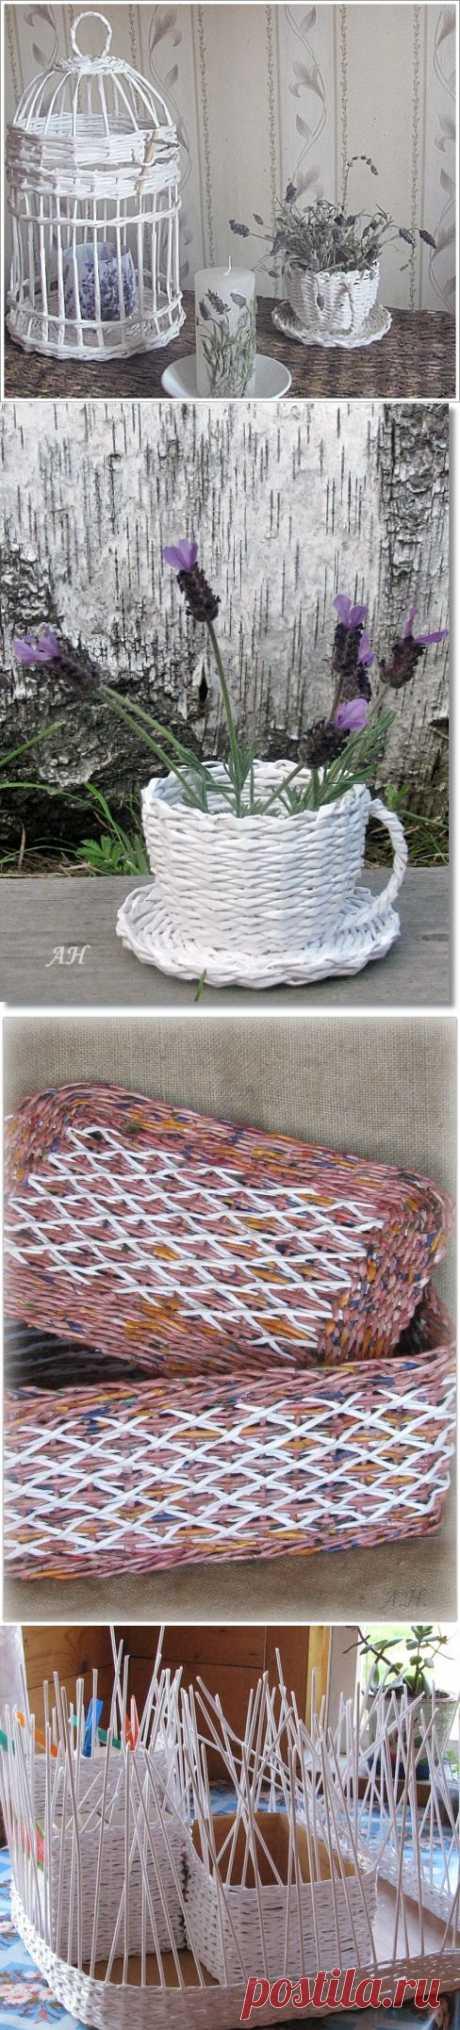 >Плетение из бумаги! Красивые и полезные вещи для дома и сада.